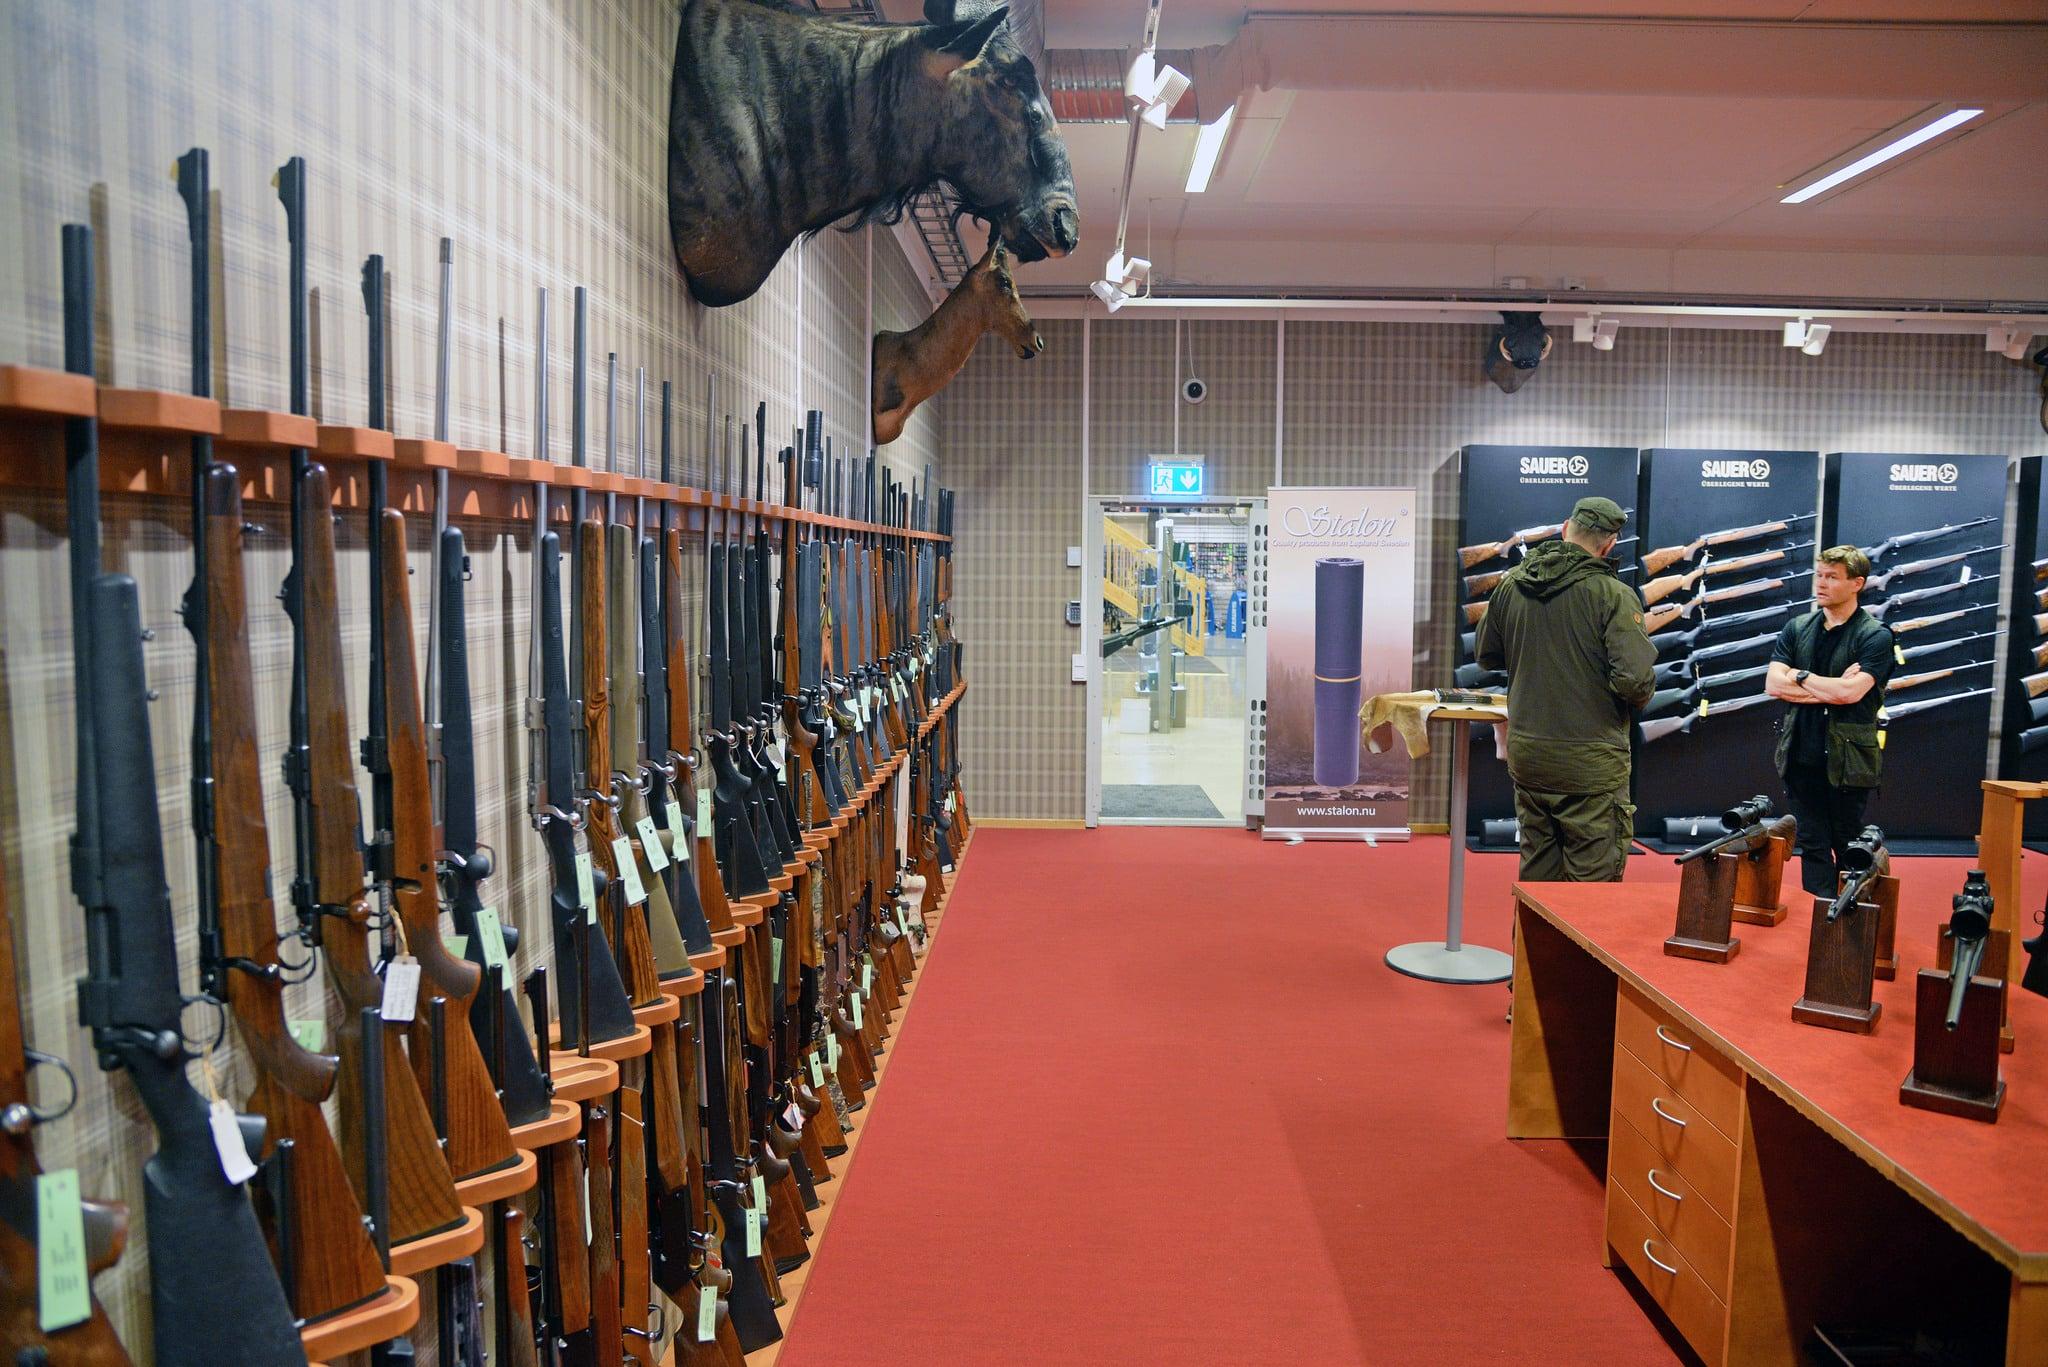 Många myndigheter stöder jägare och sportskyttar i deras kritik mot EU-kommissionens förslag till förändringar av vapendirektivet. Men det finns också de som är positiva, till exempel polisen. Foto: Lars-Henrik Andersson